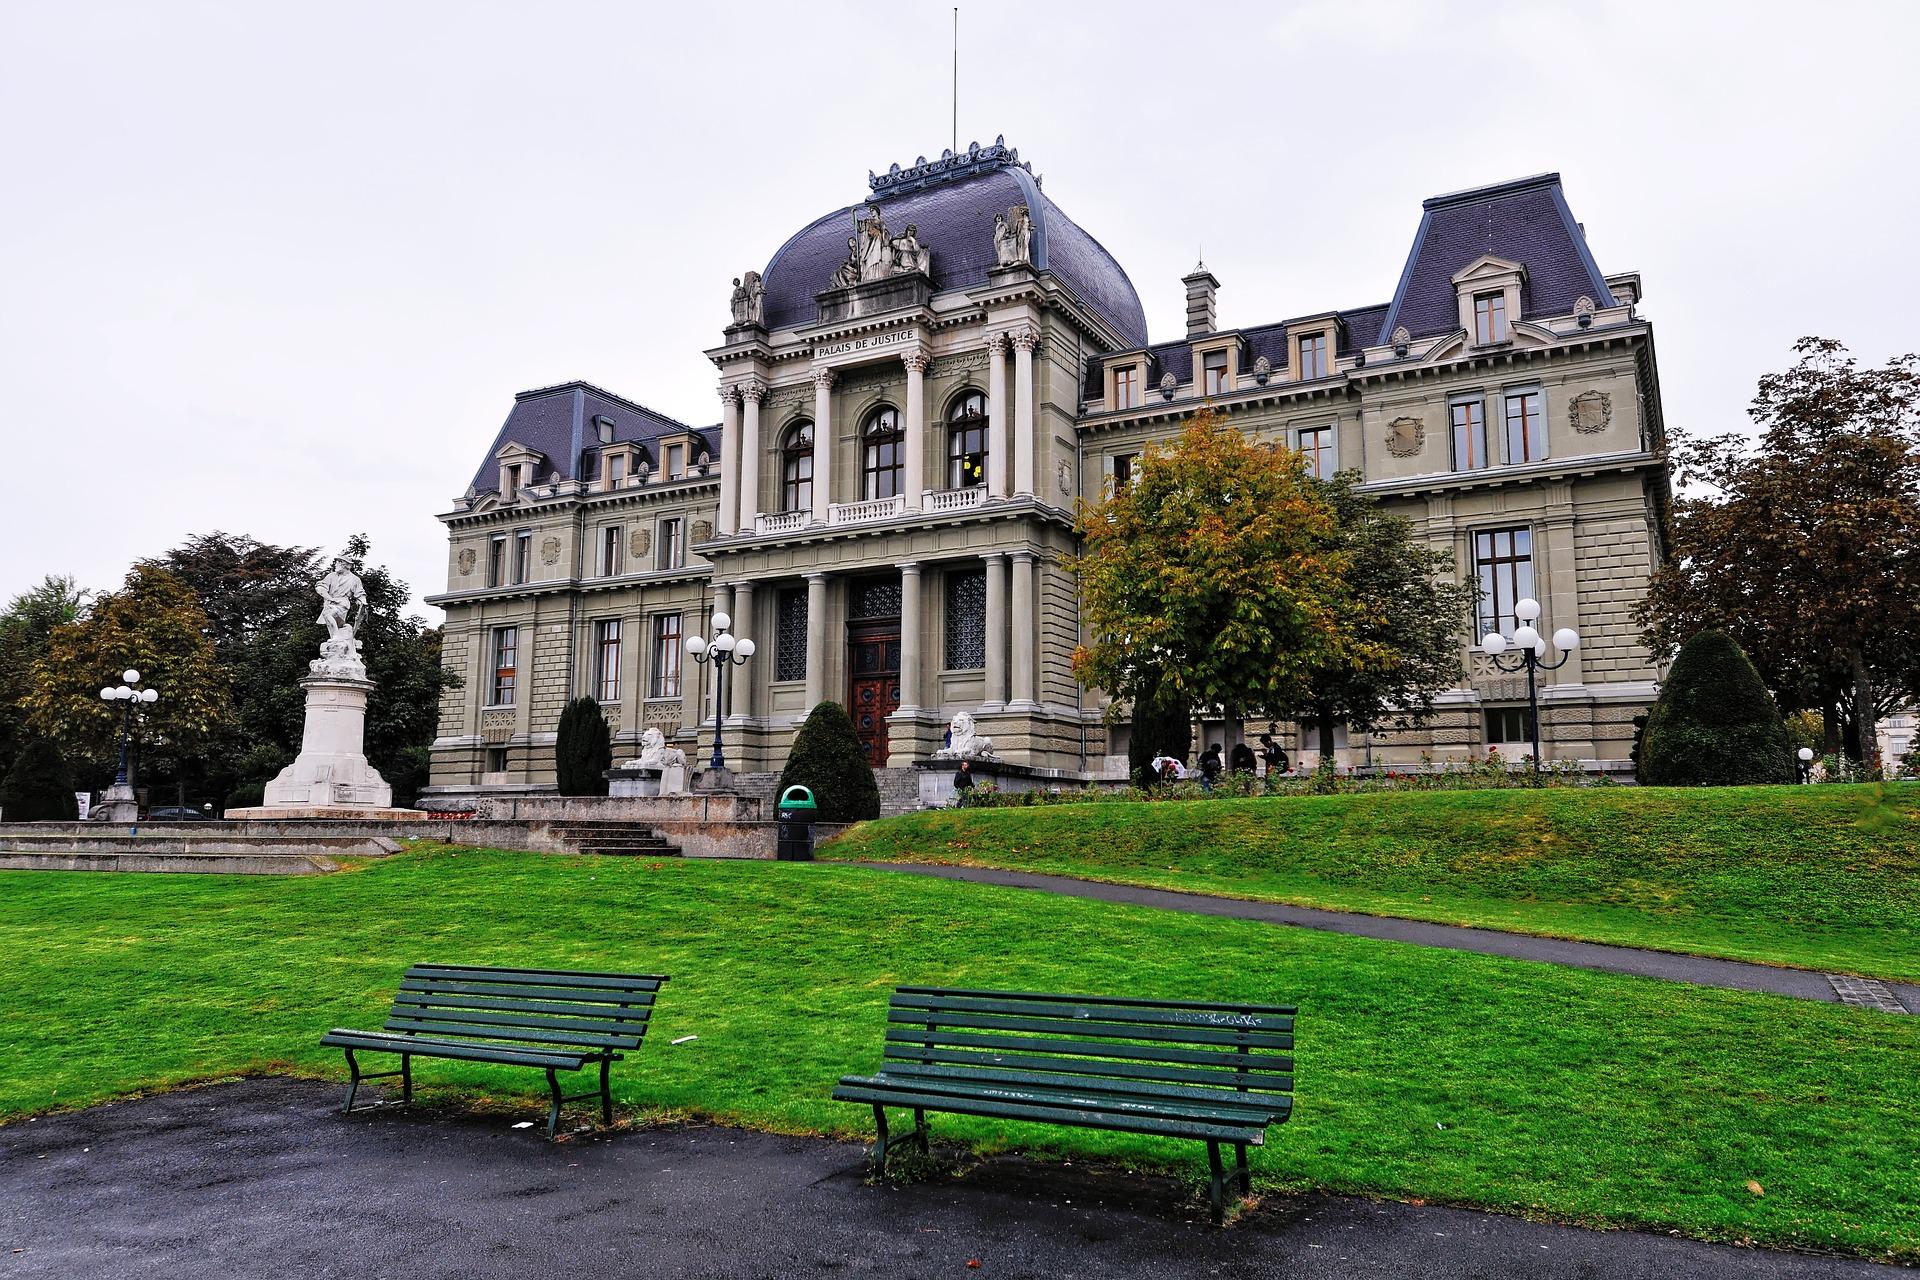 Attaquer la Préfecture devant le Tribunal administratif en responsabilité par un étranger